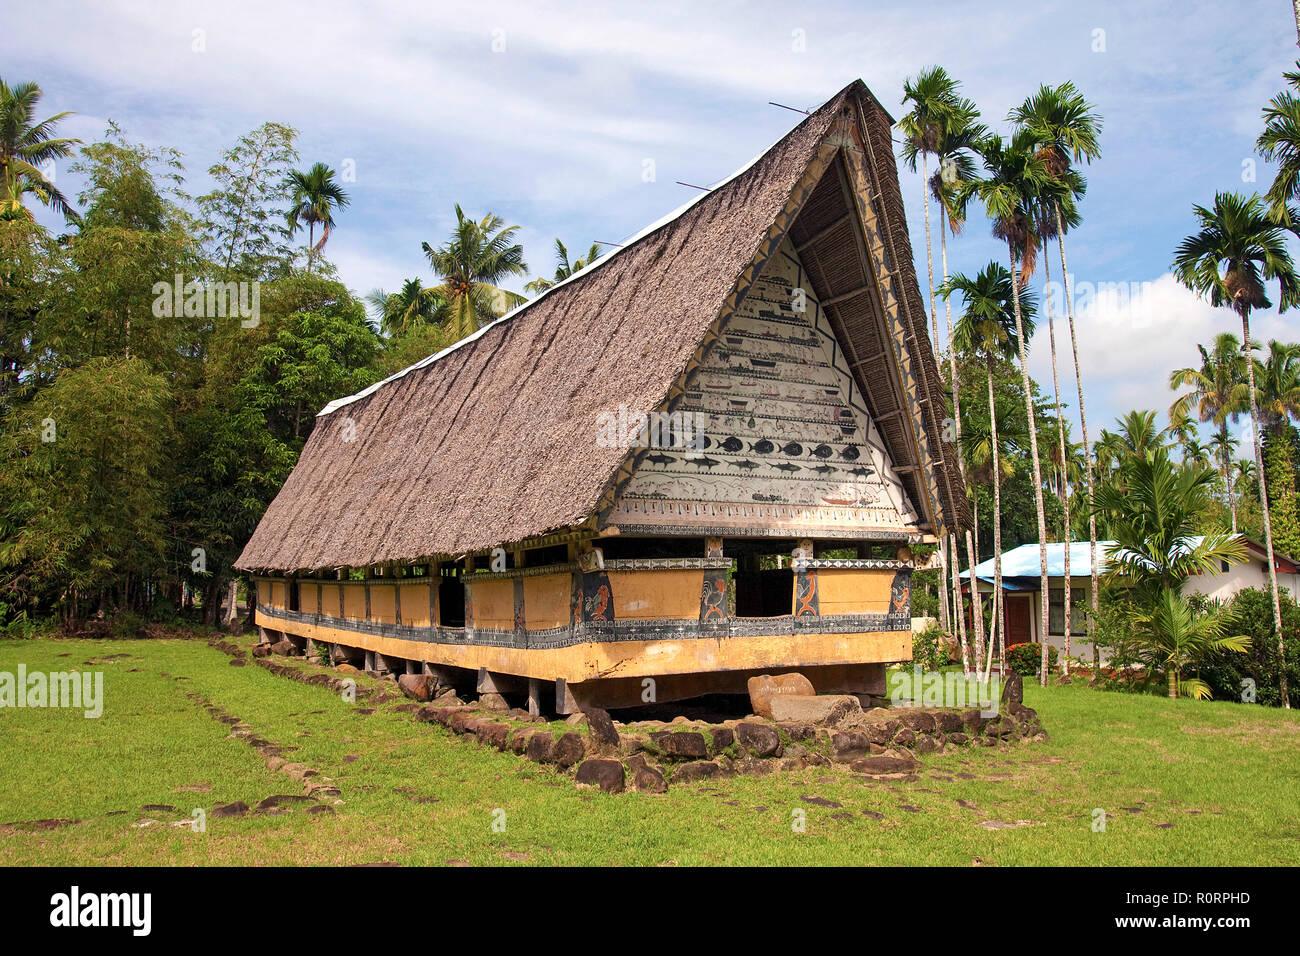 Traditionelles Männerhaus aus der Zeit des traditionellen Verwaltungssystems, Palau, Mikronesien   Casa tradicionales de los hombres en la isla de Palau, Micronesia Foto de stock